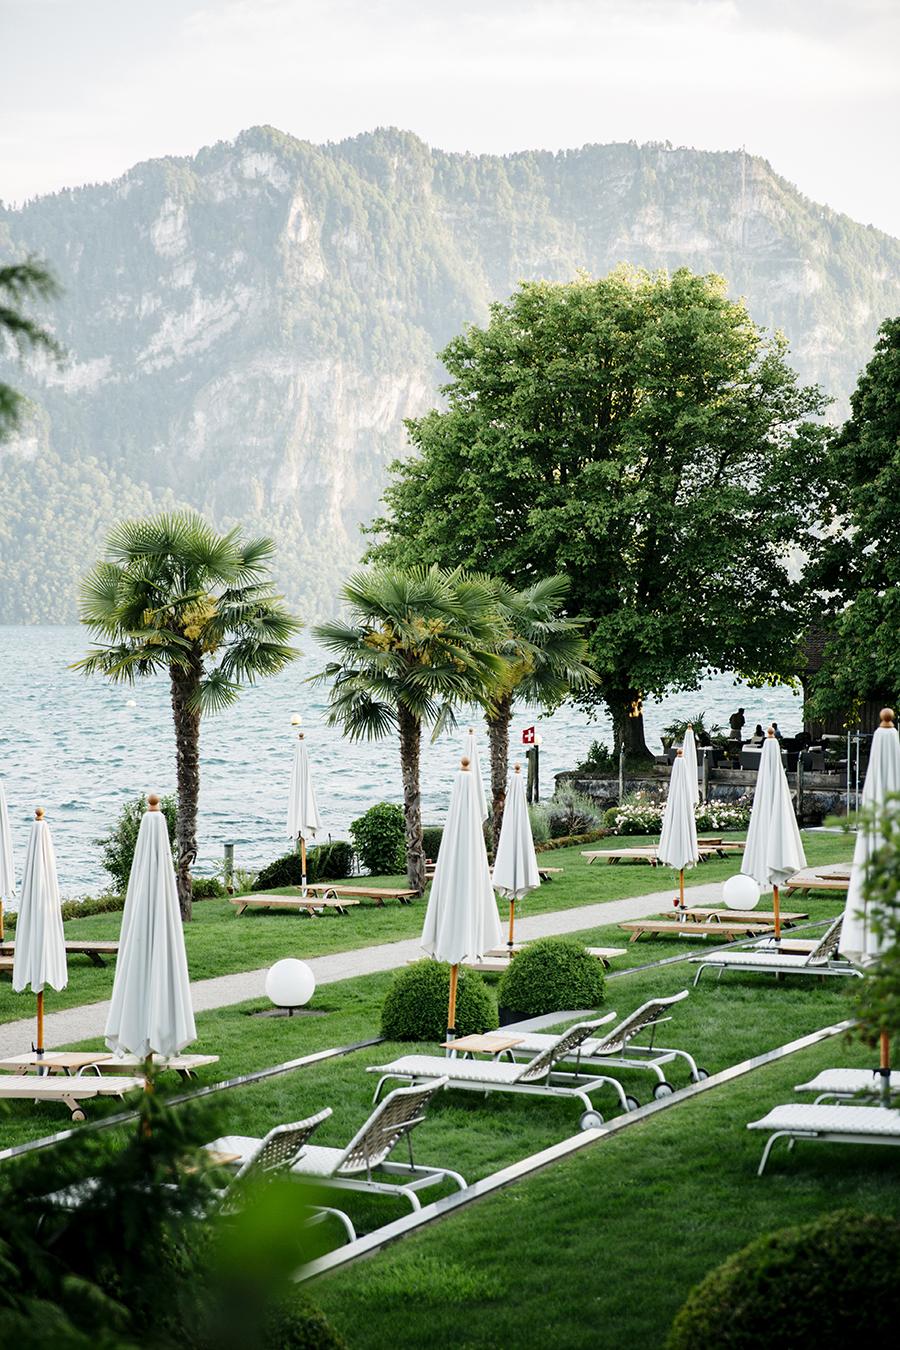 roadtrip_la_suisse_park_veggis_mont_pilatus_col_de_grimsel_5